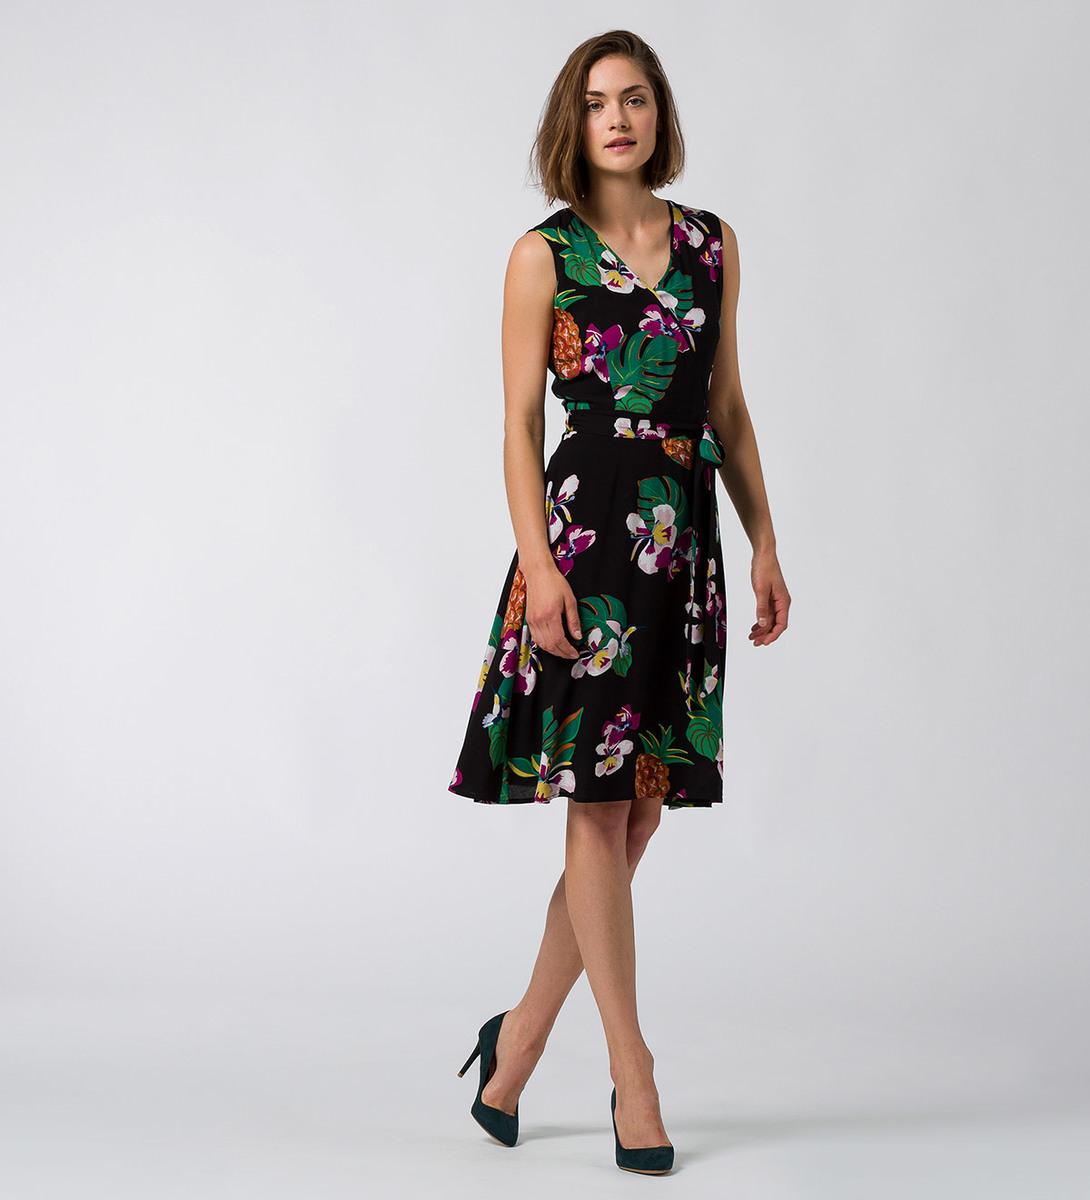 Kleid mit Blumenmuster in black